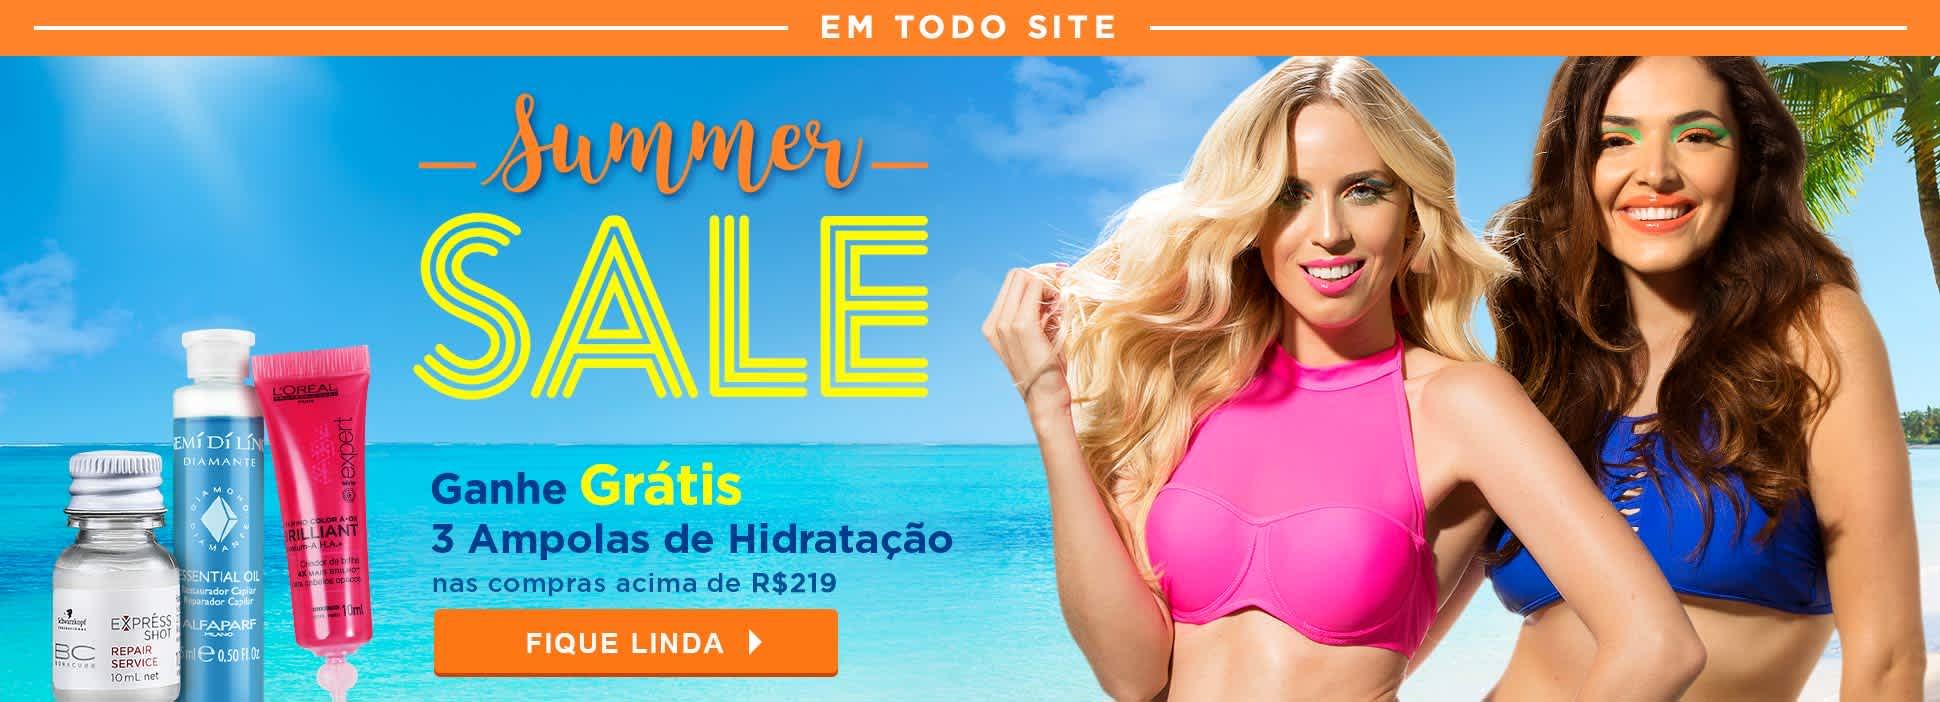 Home: Summer Sale ganhe 3 Ampolas